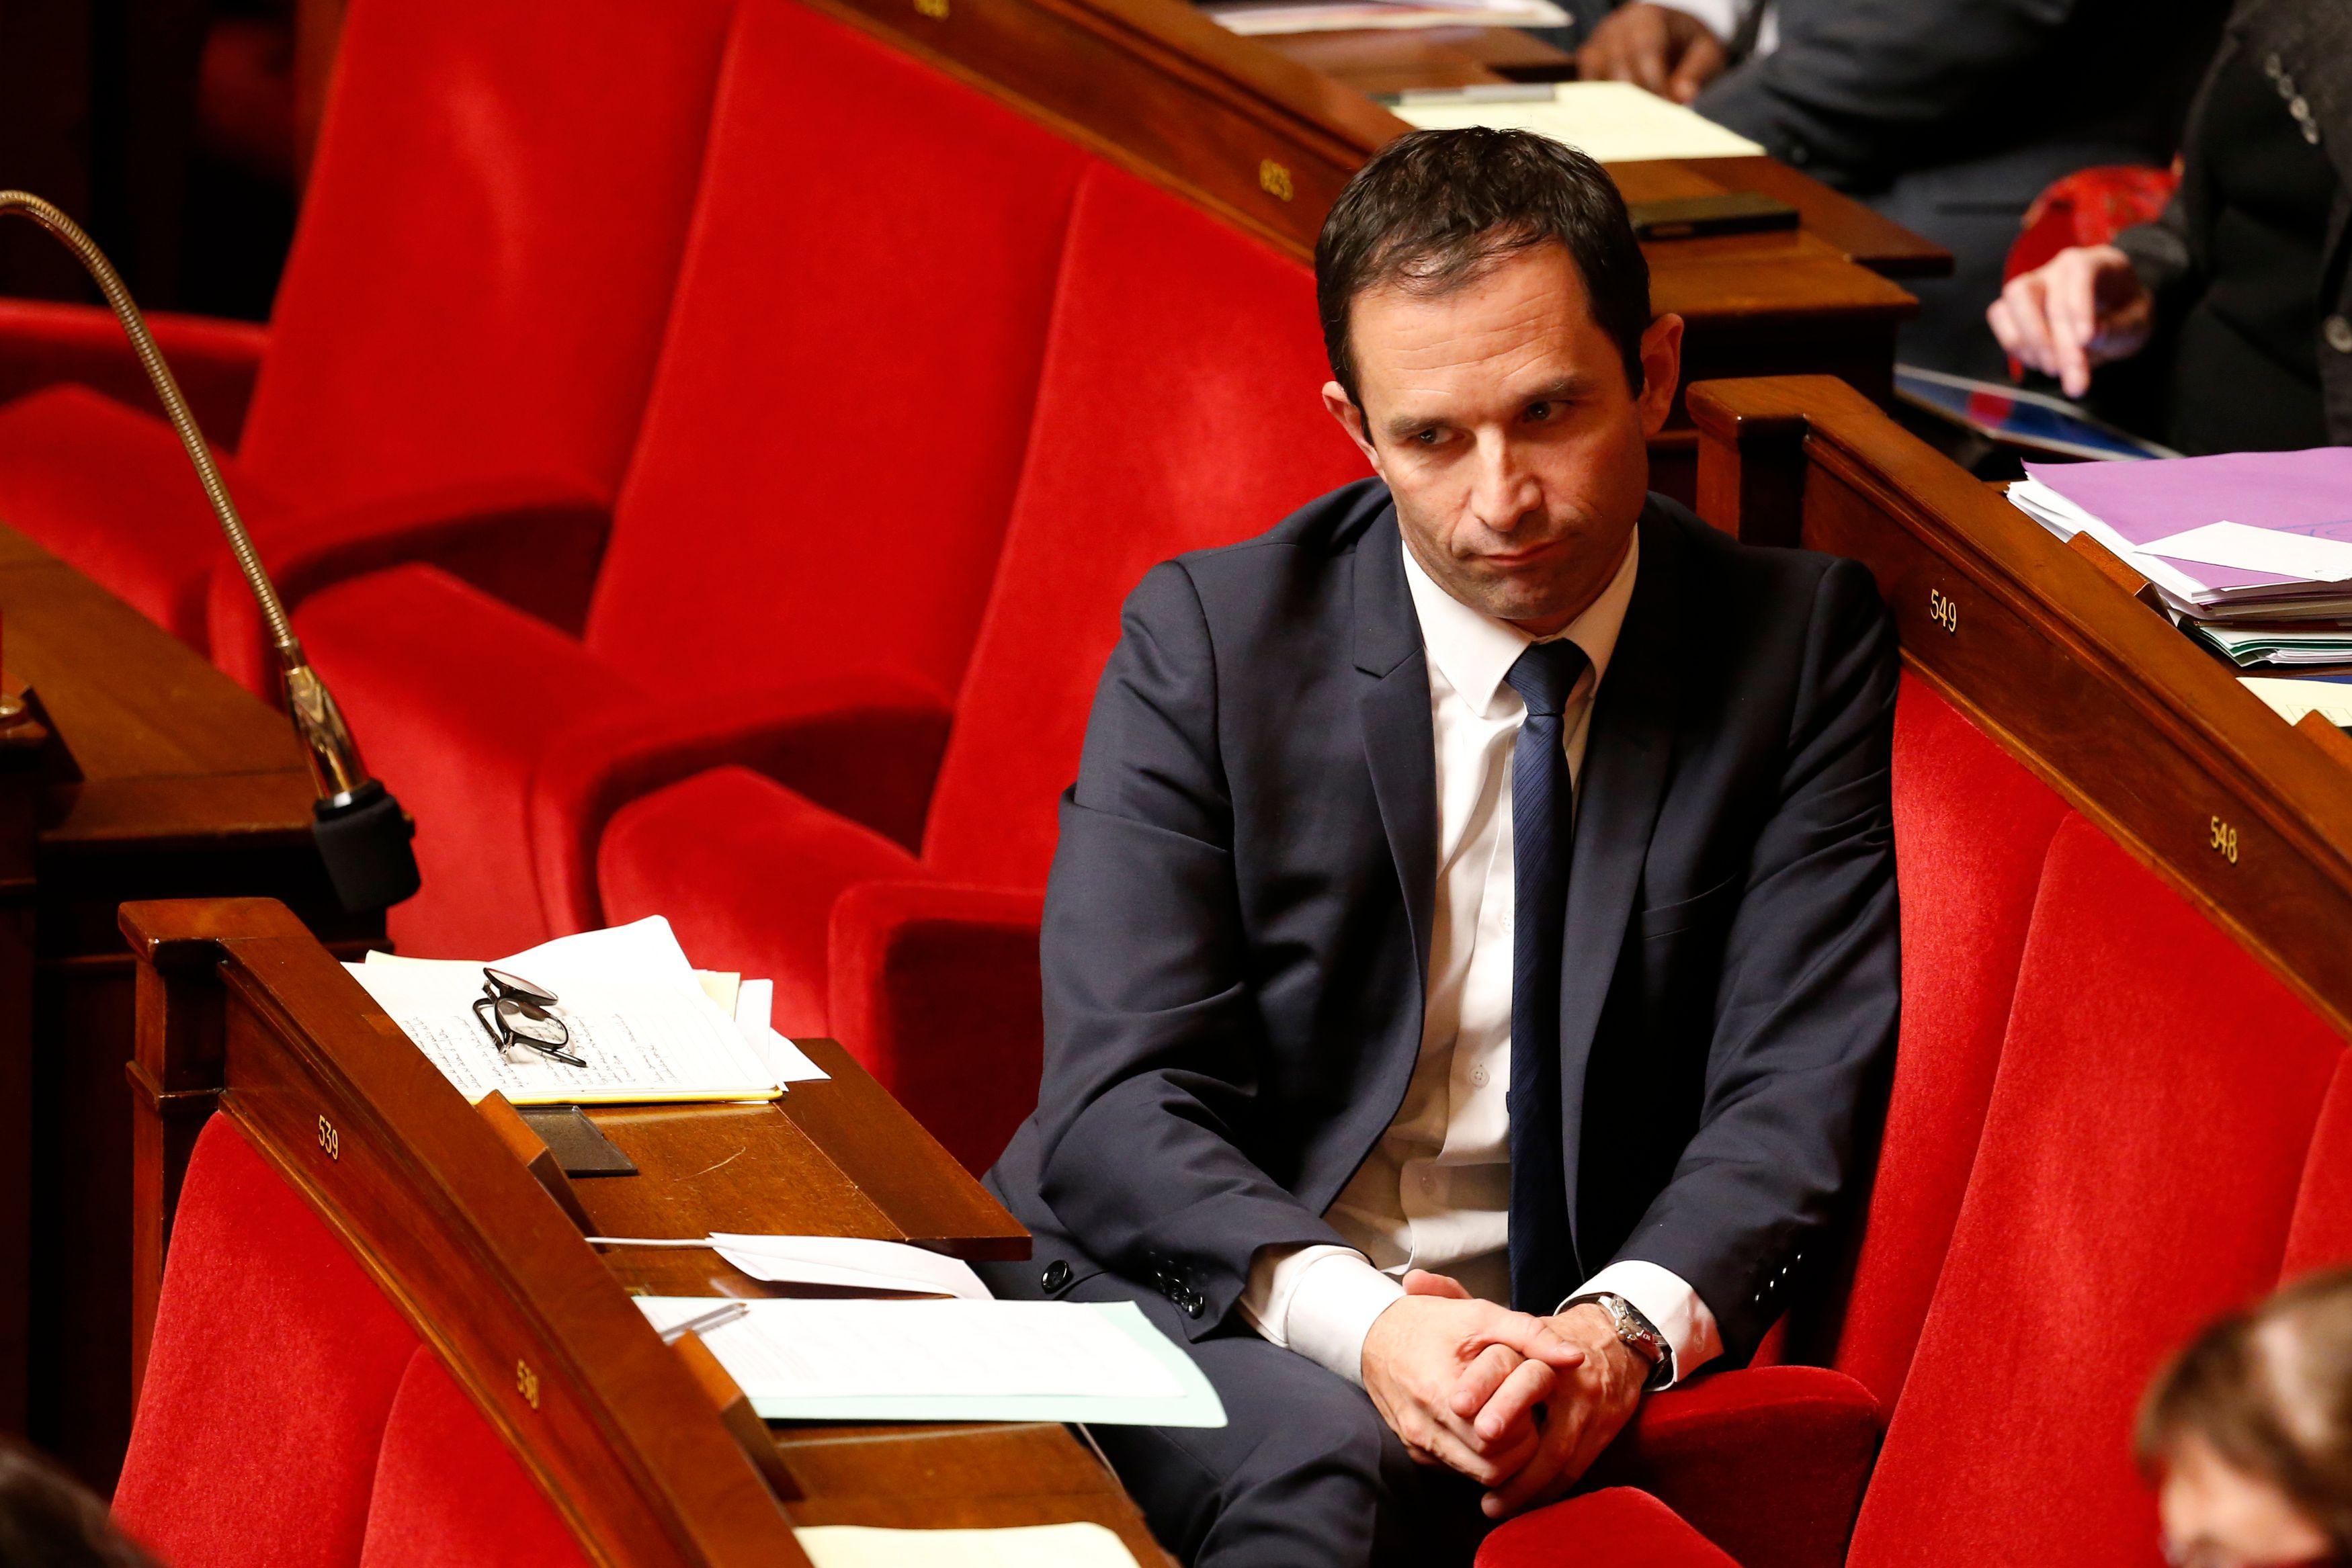 Présidentielle 2017 : Benoît Hamon crédité de seulement 14,5% selon un récent sondage